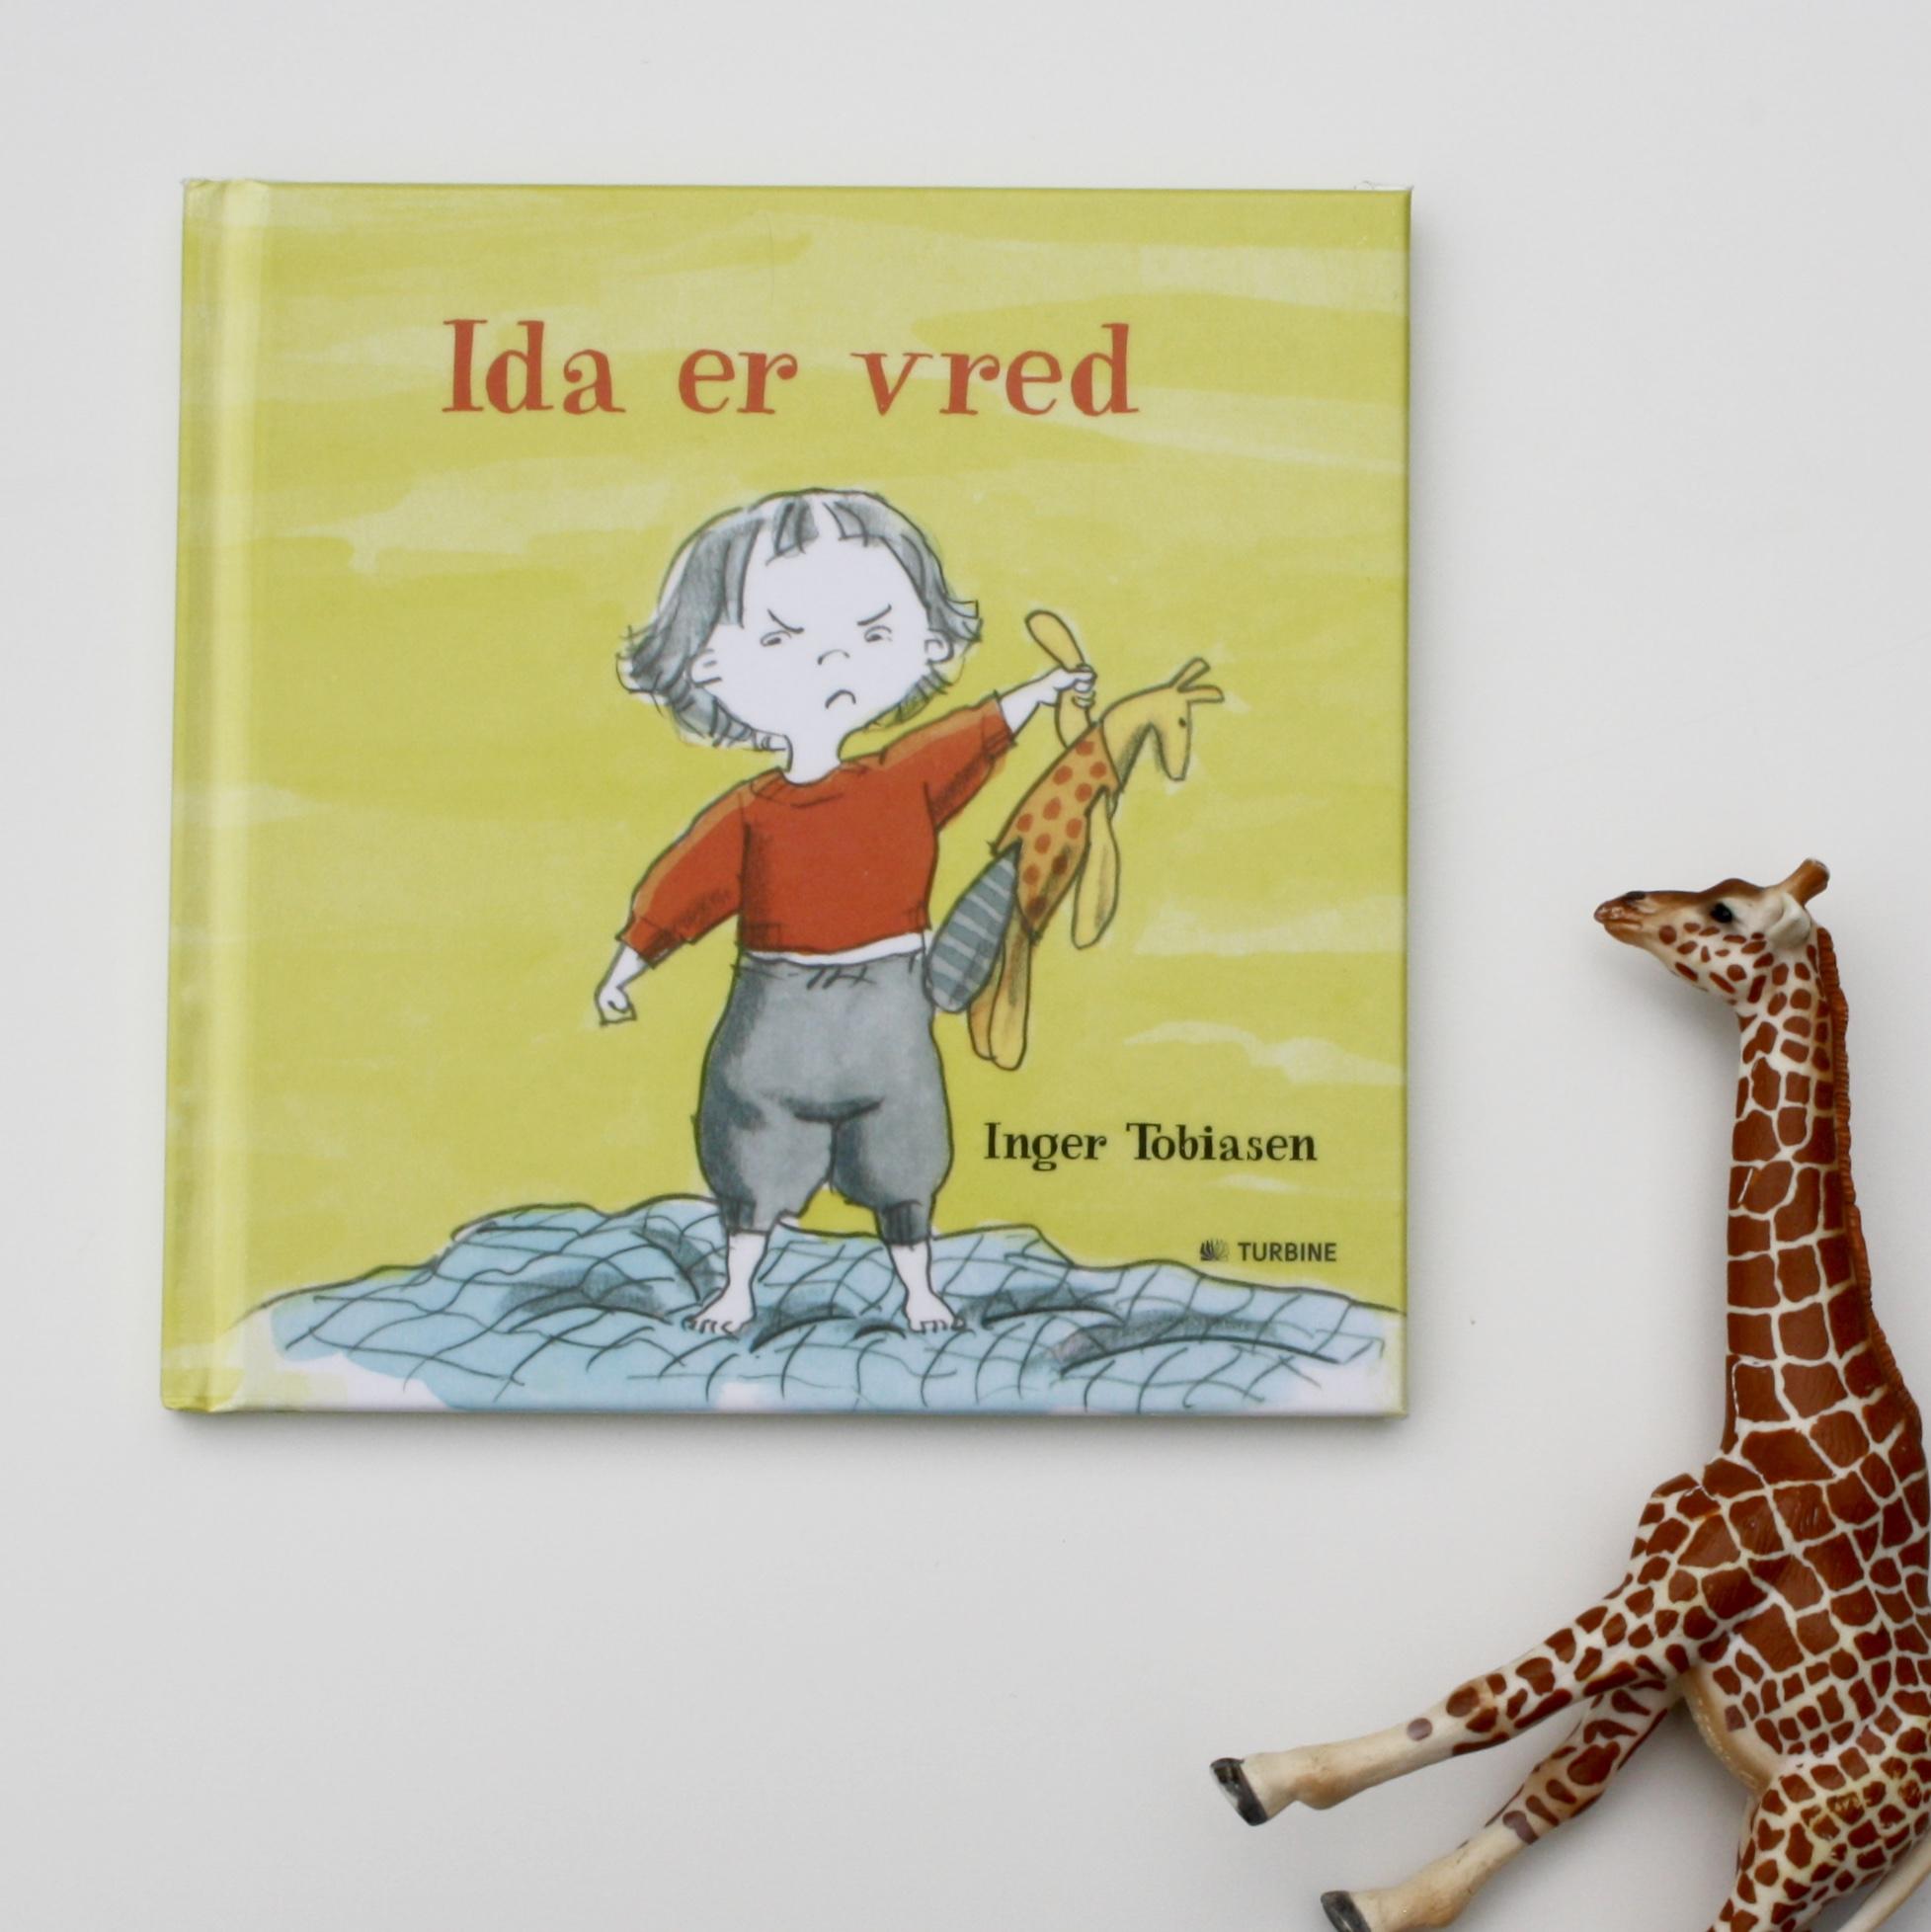 Ida er vred, Inger Tobiasen, bogoplevelsen